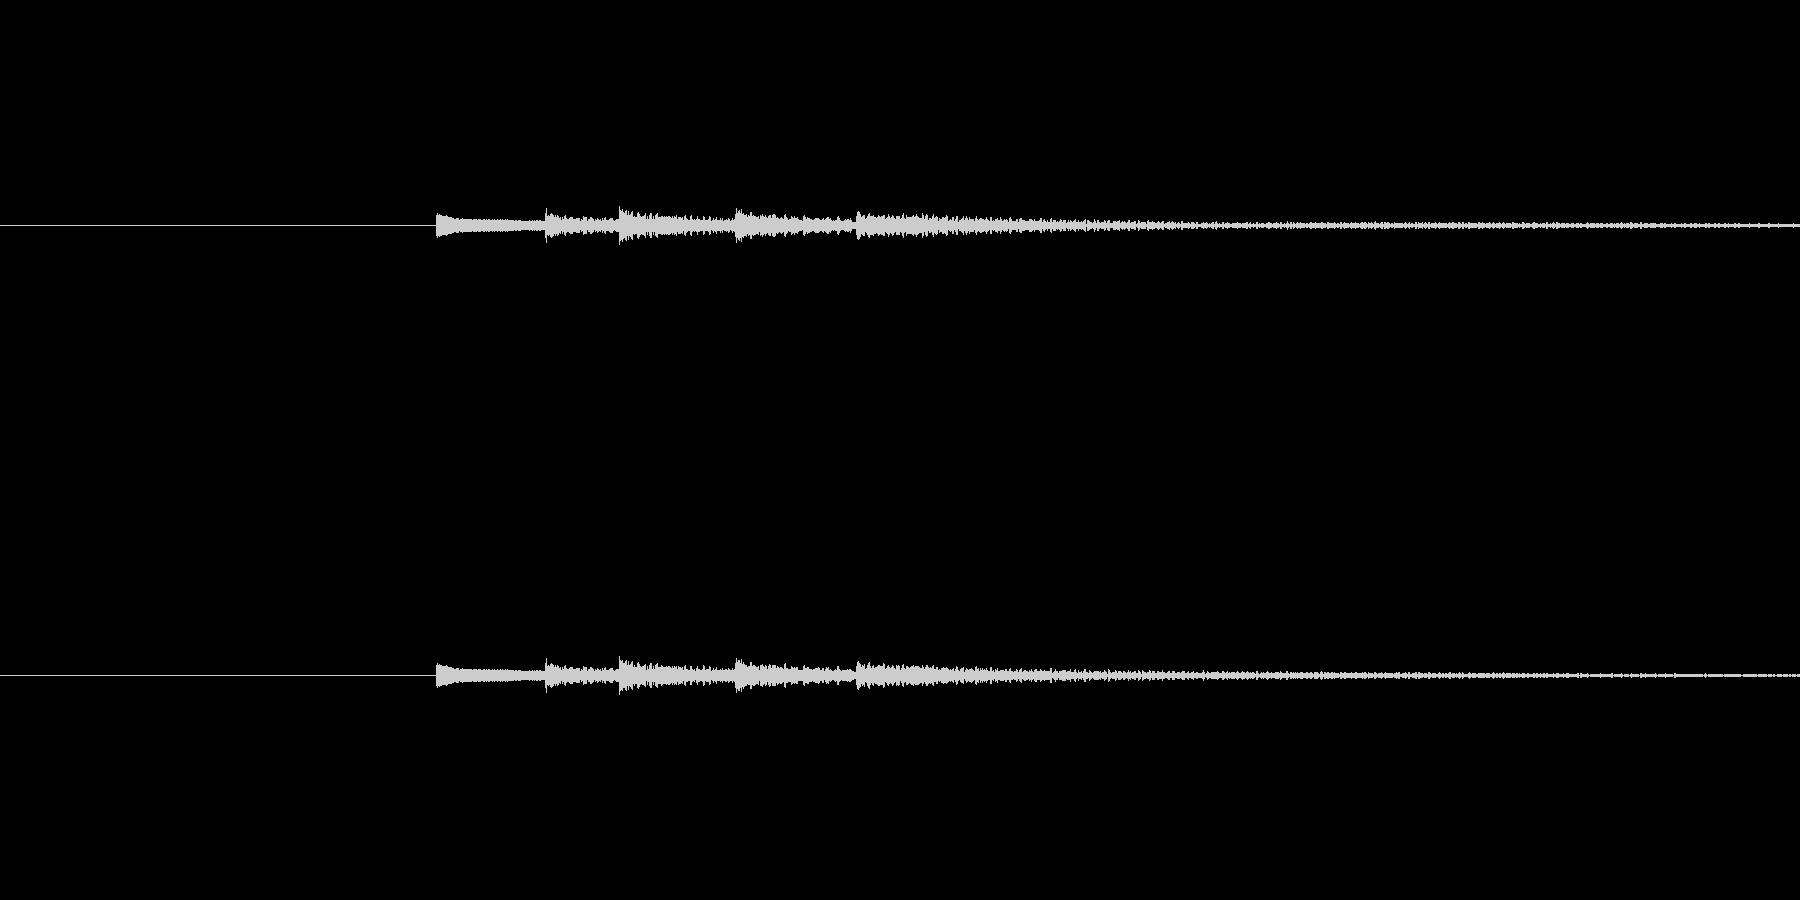 「ドレミファソ♪」というかわいいグロッ…の未再生の波形